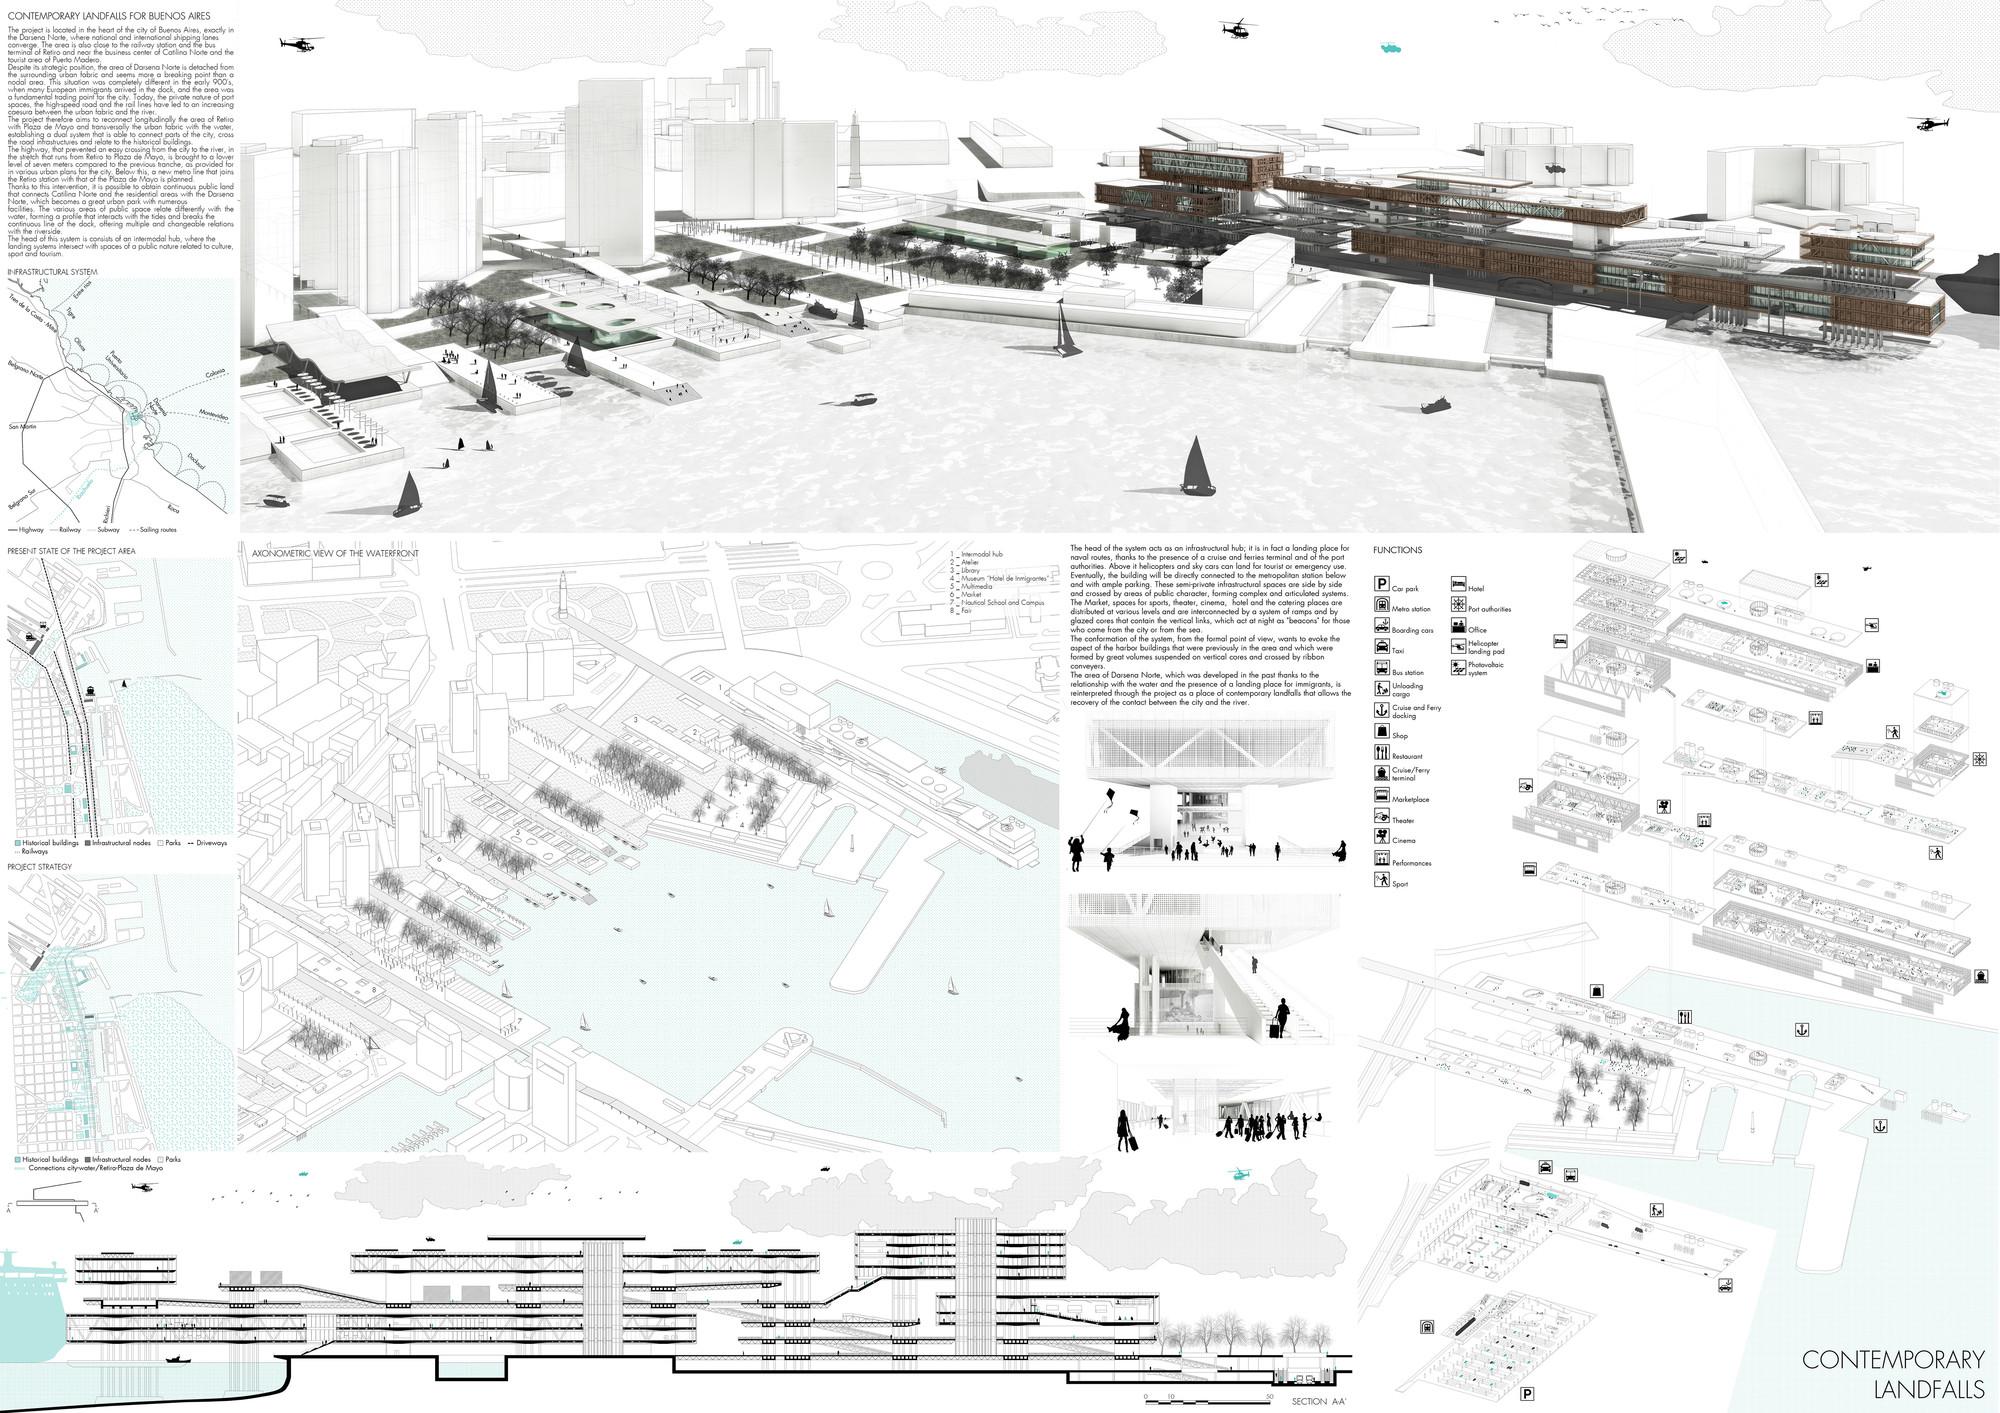 Mención Honrosa: Contemporary Landfalls. Image Courtesy of IS ARCH